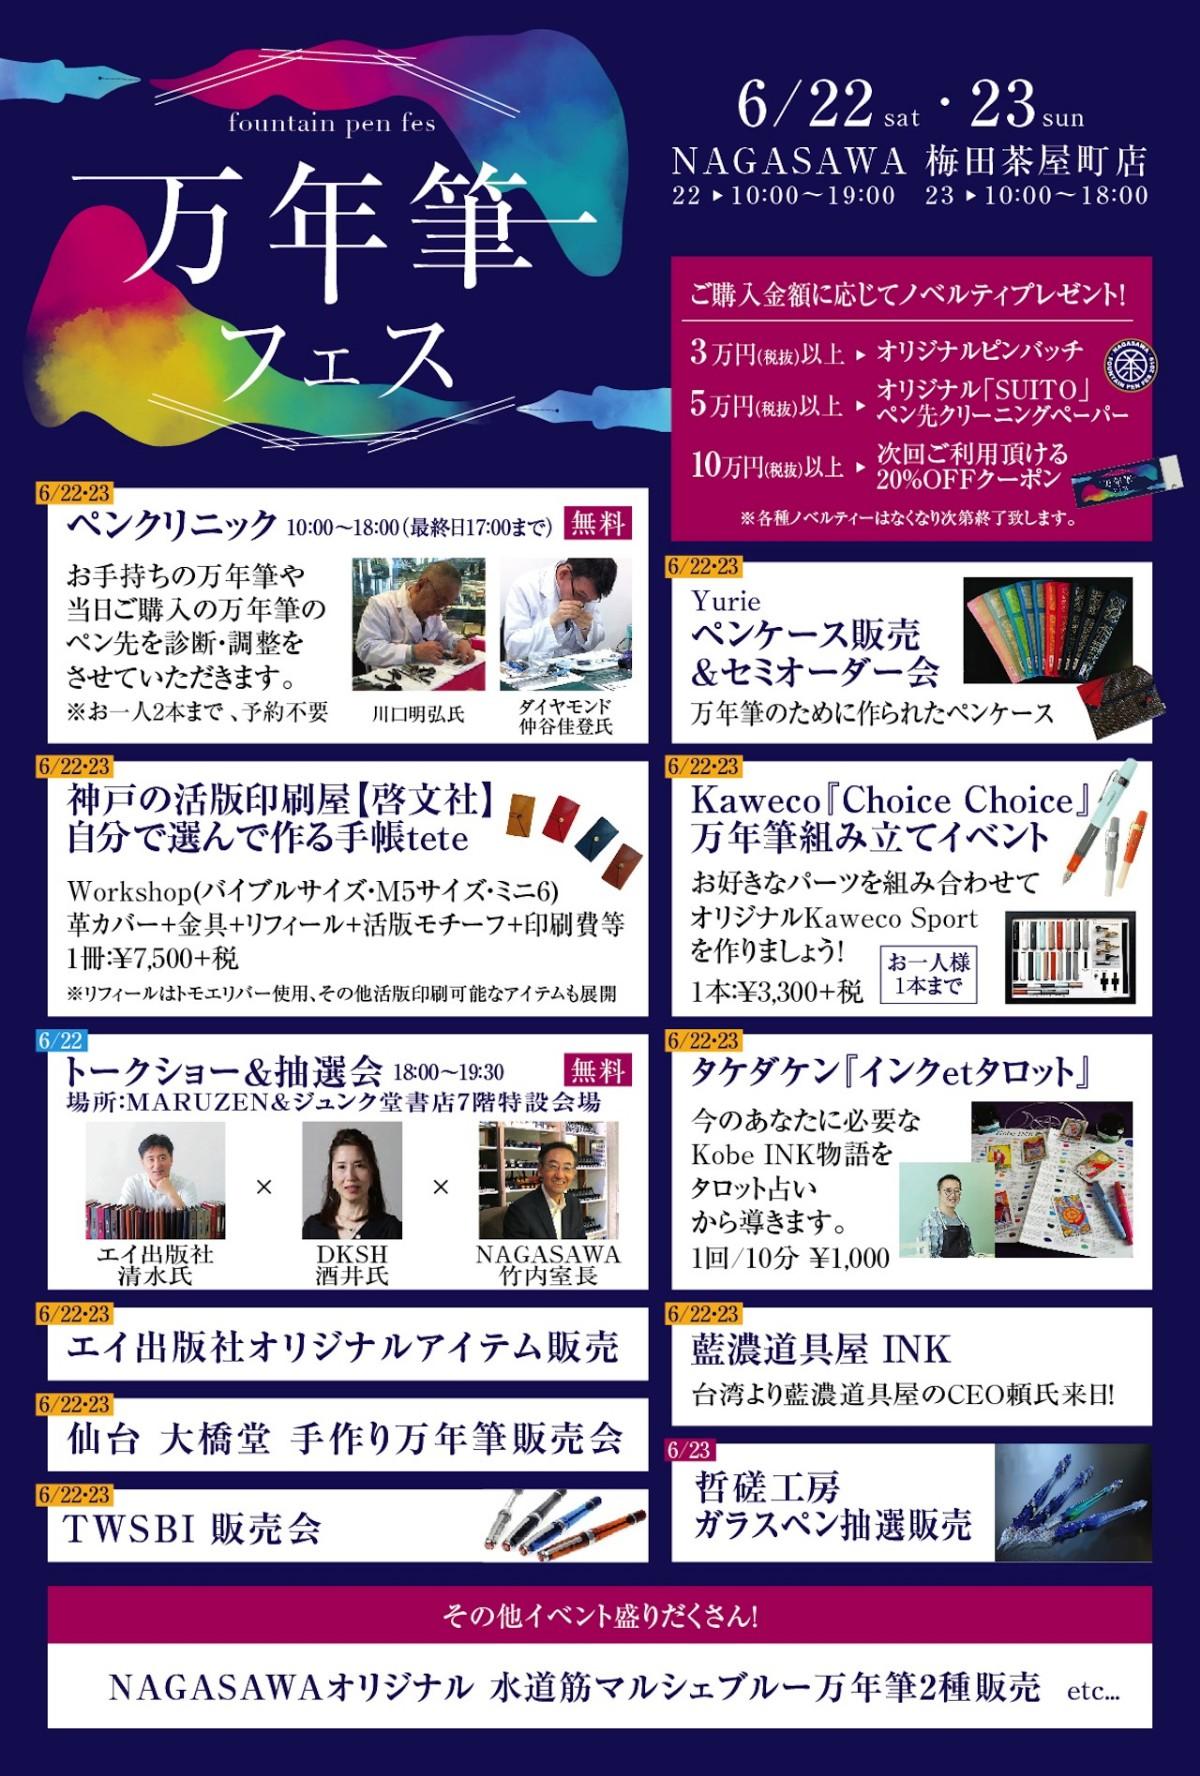 【梅田茶屋町店】ペンクリニックなど盛りだくさんの梅田万年筆フェス2019